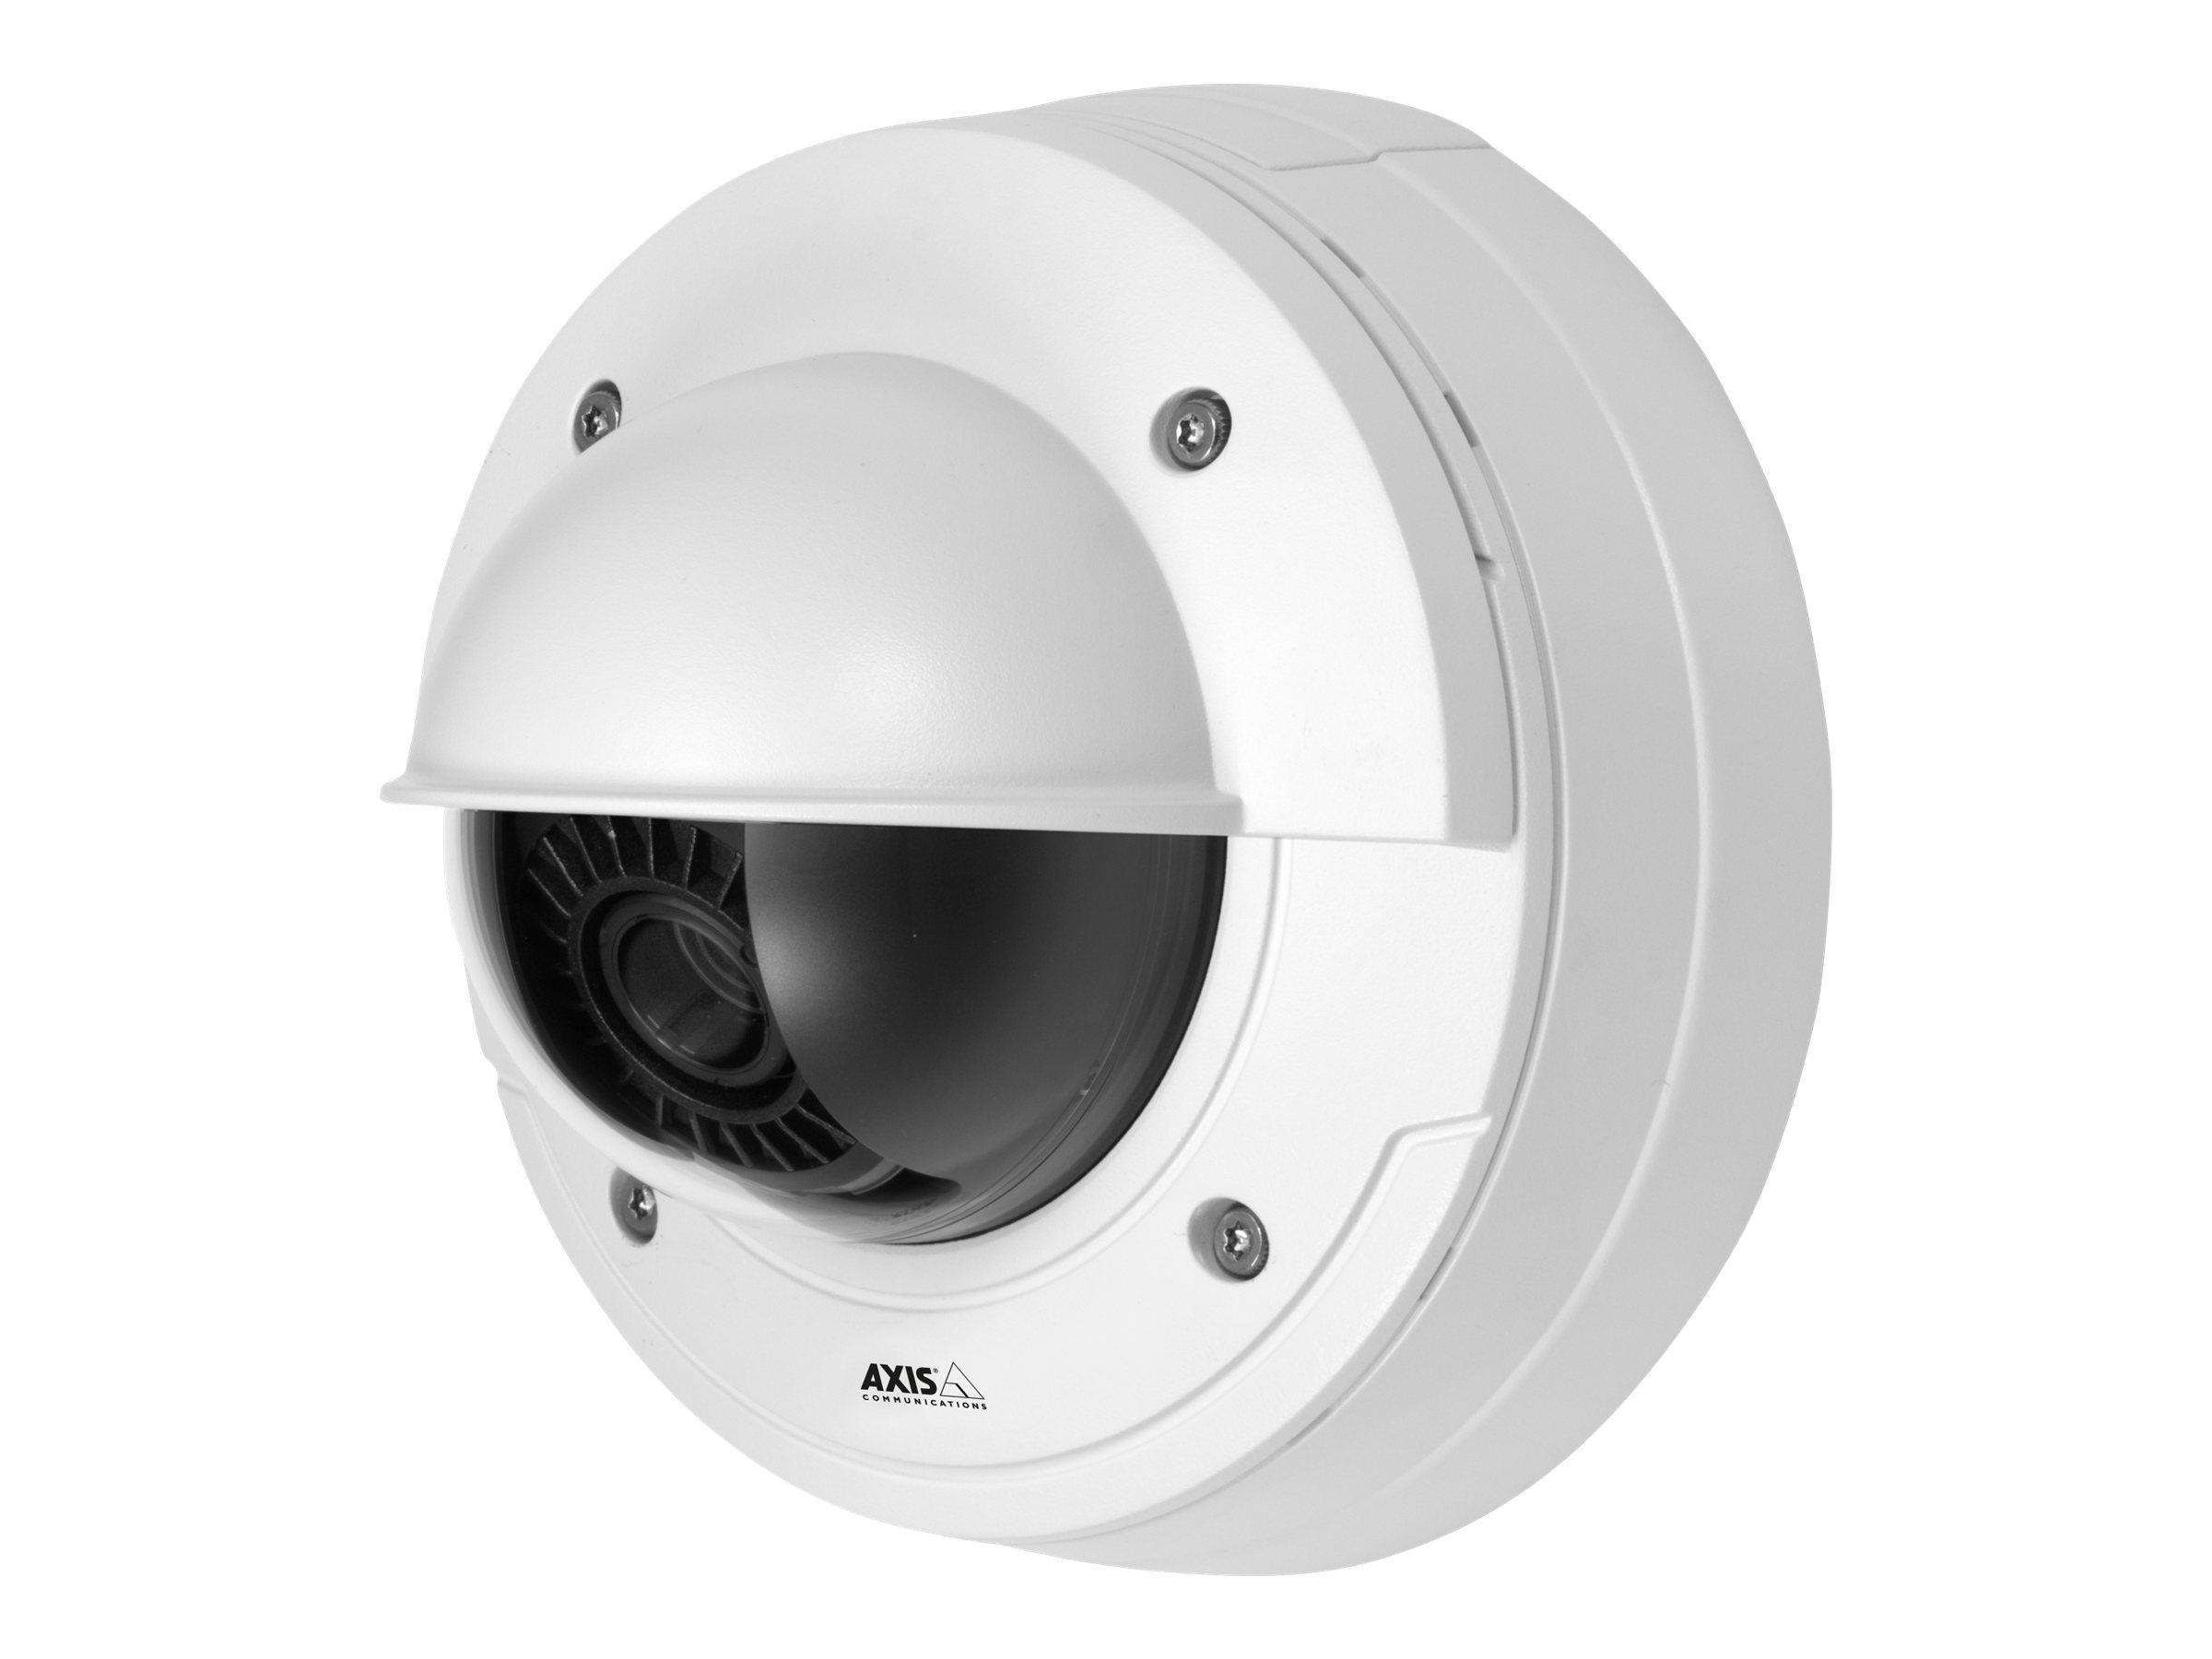 AXIS P3367-VE Network Camera - Netzwerk-Überwachungskamera - Kuppel - Aussenbereich - Vandalismussicher / Wetterbeständig - Farb